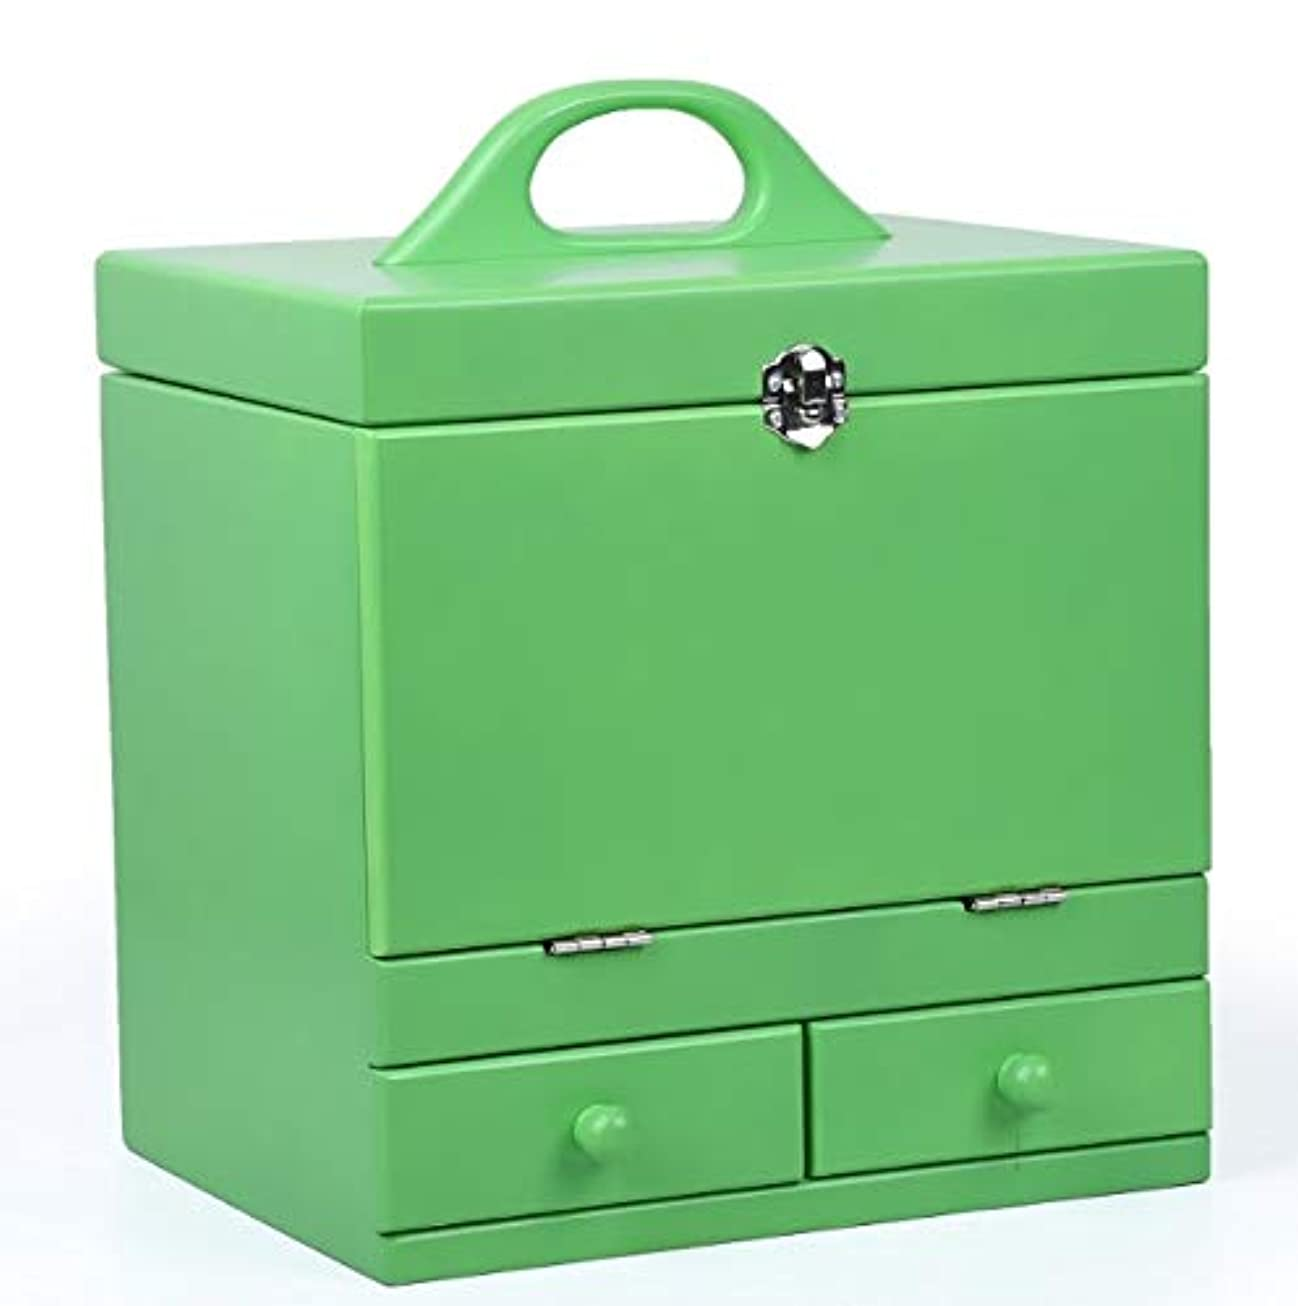 ガードメーカーブッシュ化粧箱、グリーンダブルデッカーヴィンテージ木製彫刻が施された化粧ケース、ミラー、高級ウェディングギフト、新築祝いギフト、美容ネイルジュエリー収納ボックス